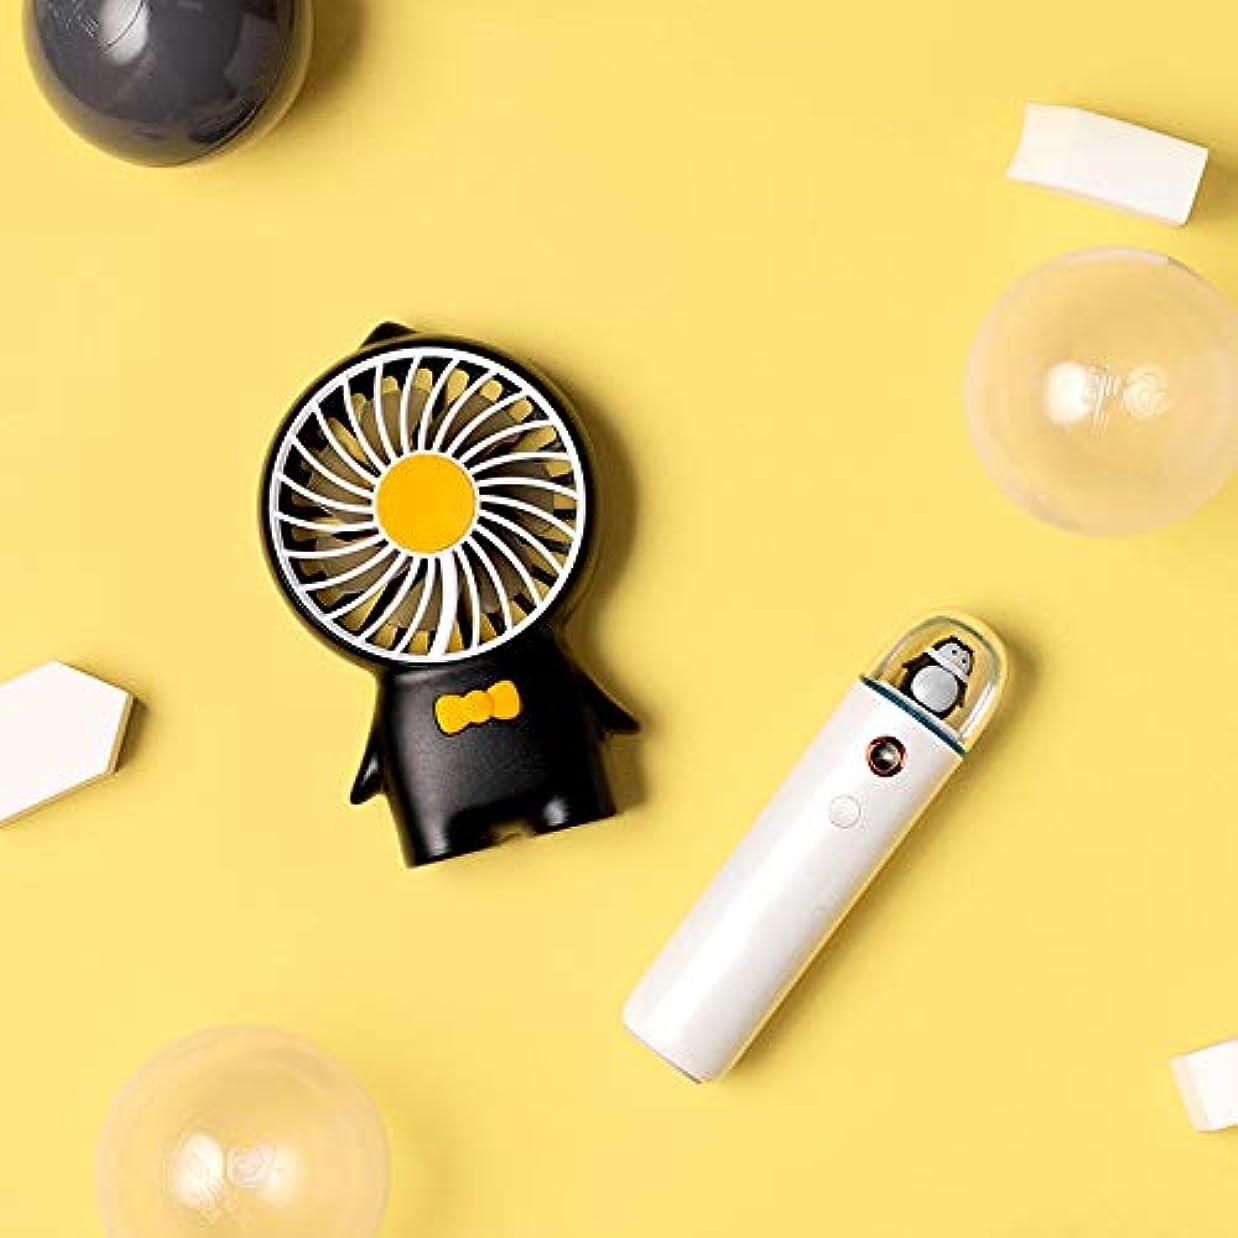 宇宙リクルート素晴らしきZXF コールドスプレー水道メーターusb充電ナノスプレー小さなファン水道メーター美容機器黒モデルホワイトガールギフト用ガールフレンドセット 滑らかである (色 : Black)